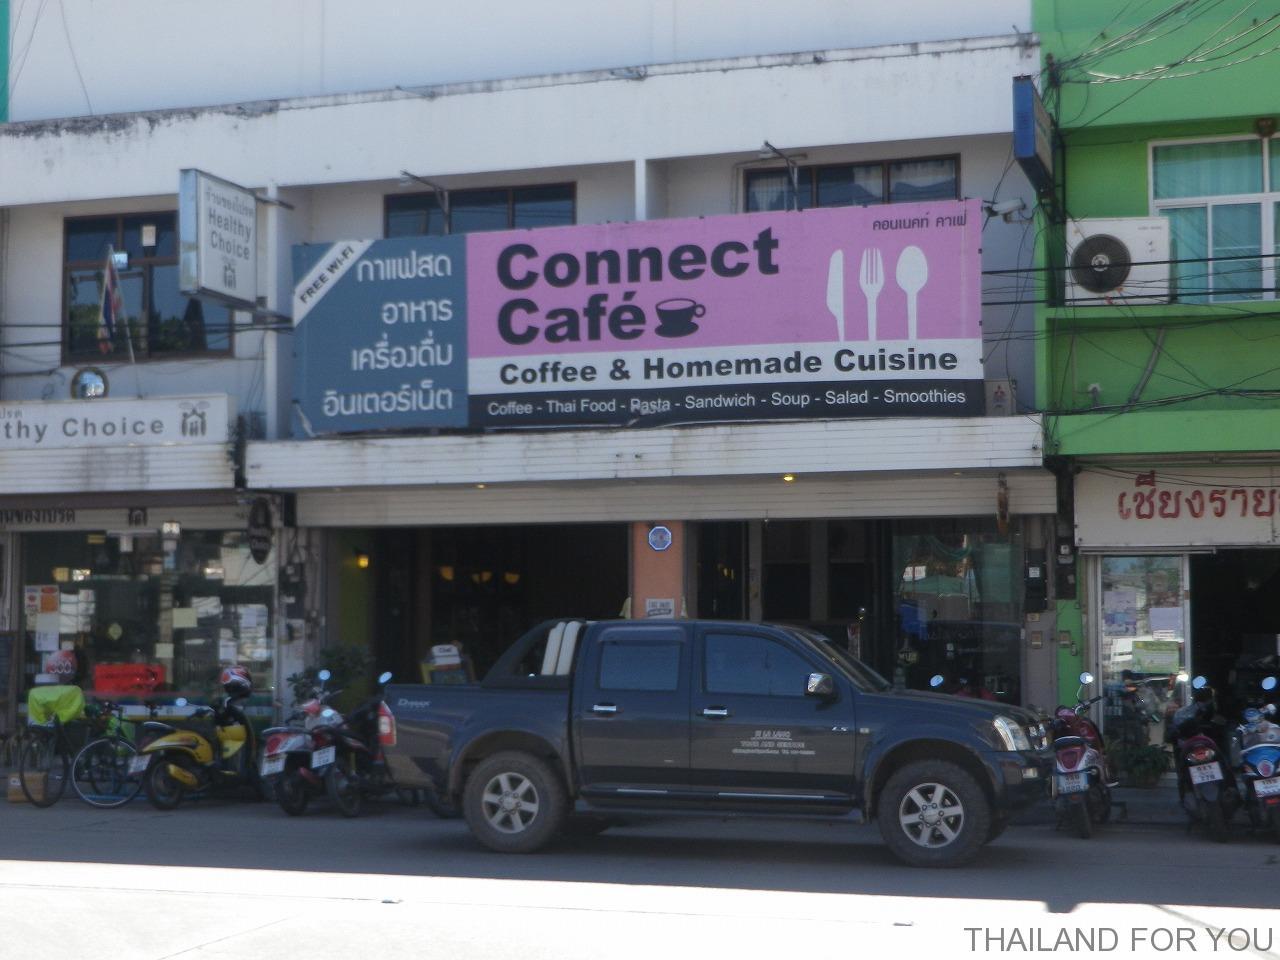 チェンライ おすすめ カフェレストラン コネクトカフェ(Connect Cafe)】写真